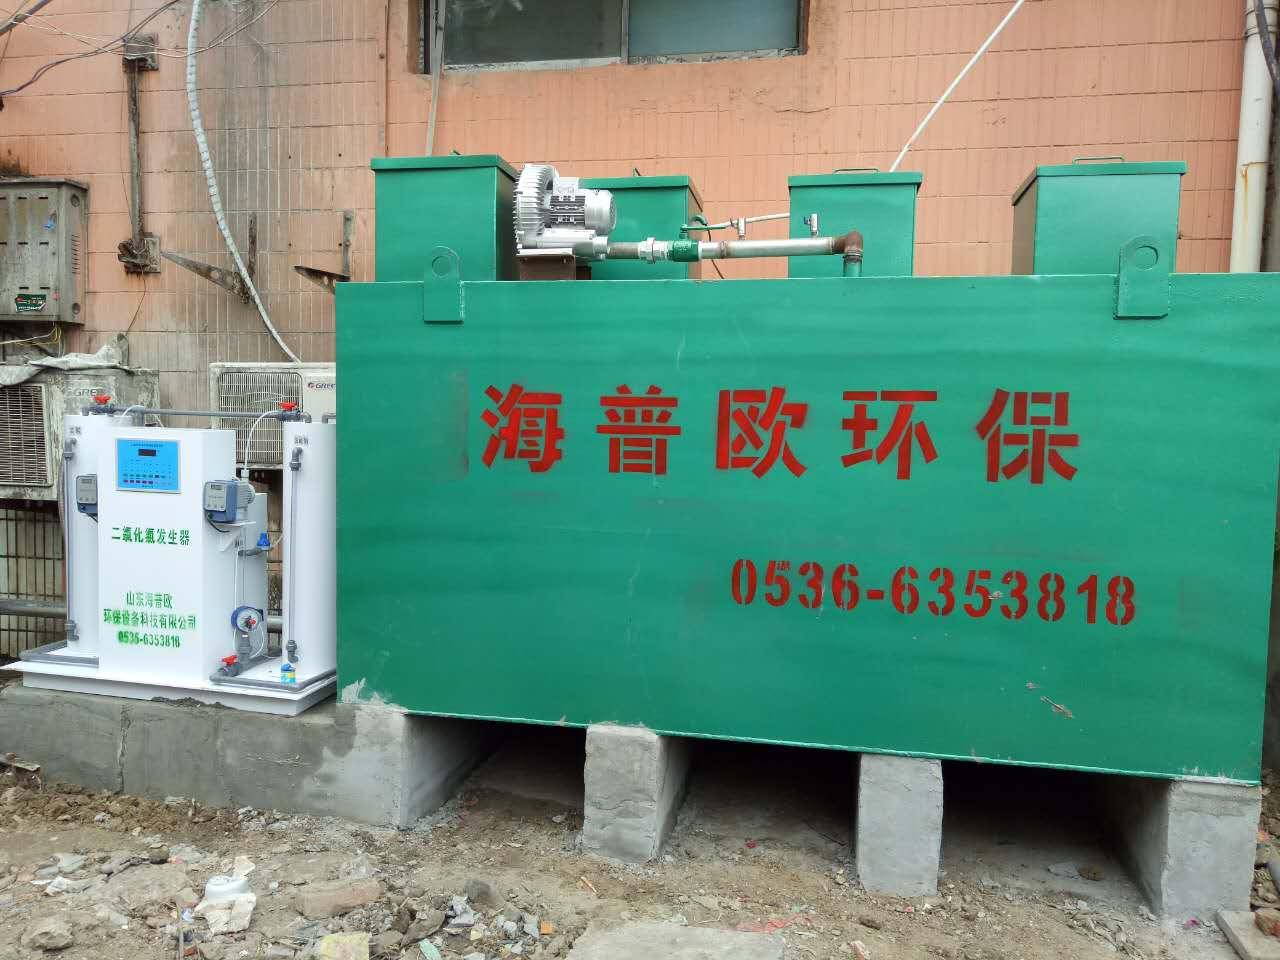 医院污水处理方法有哪几种?